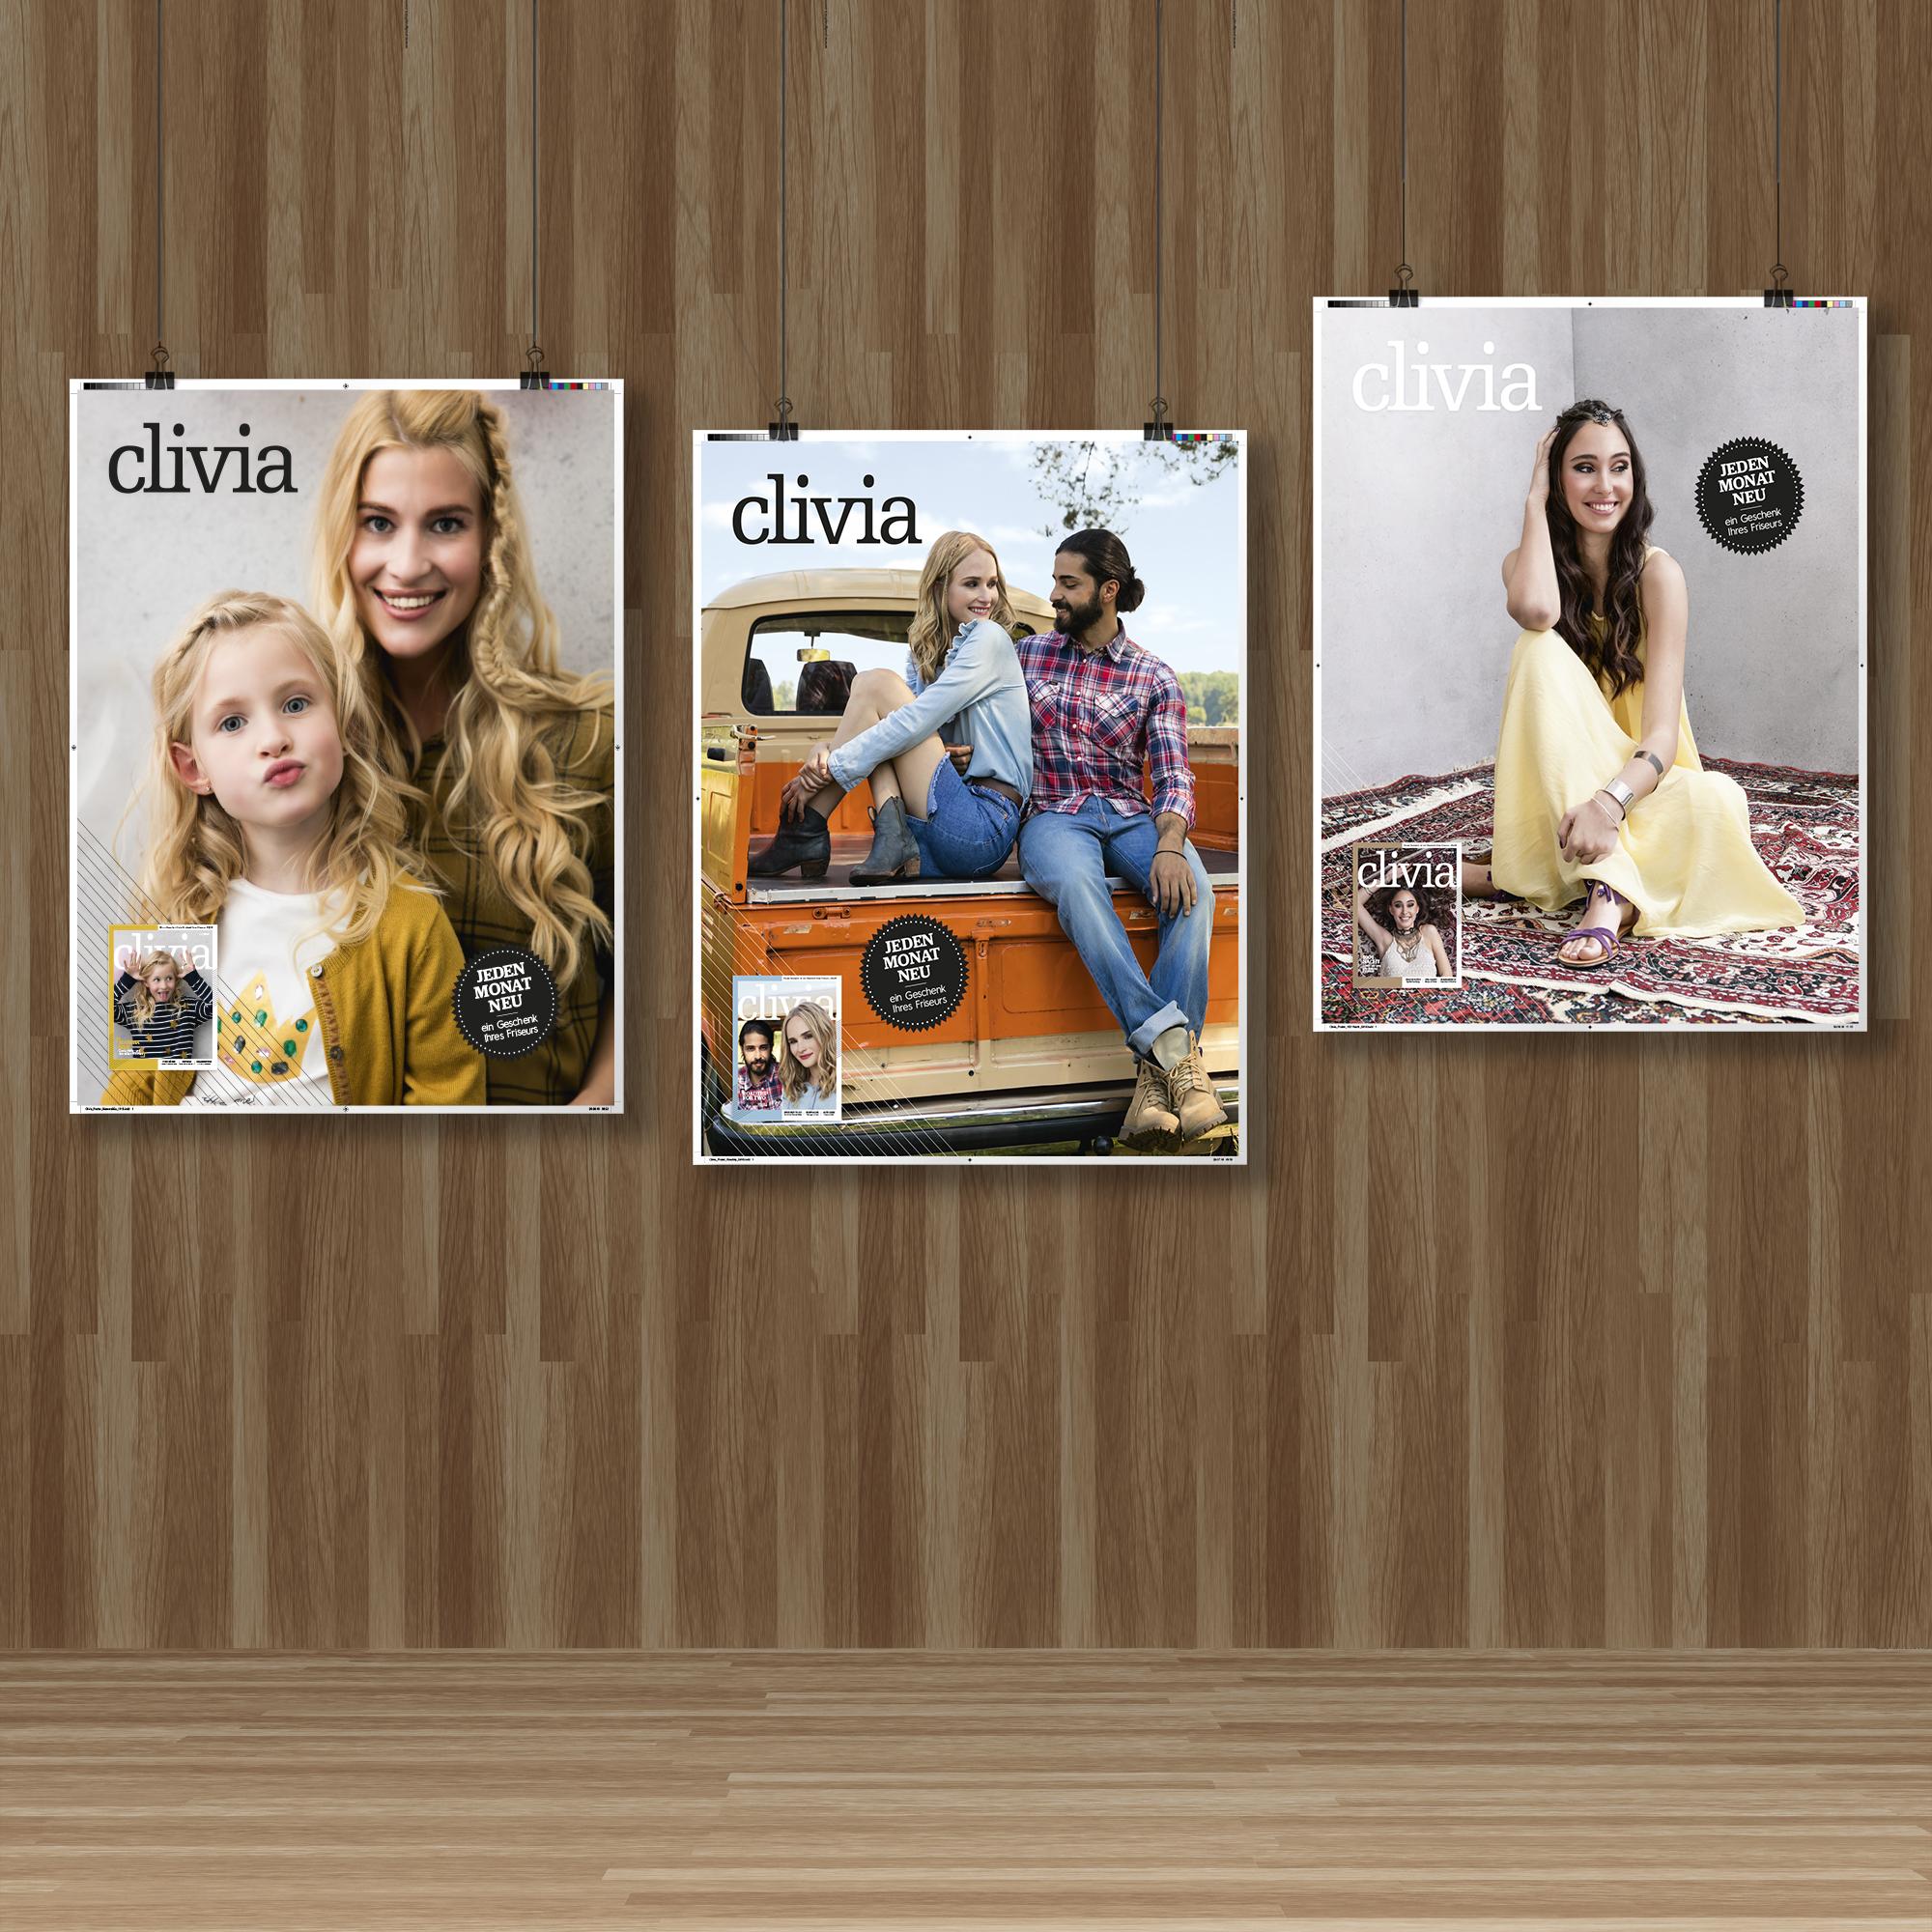 Poster Beauty Retusche Mockup Clivia Friseur Magazin